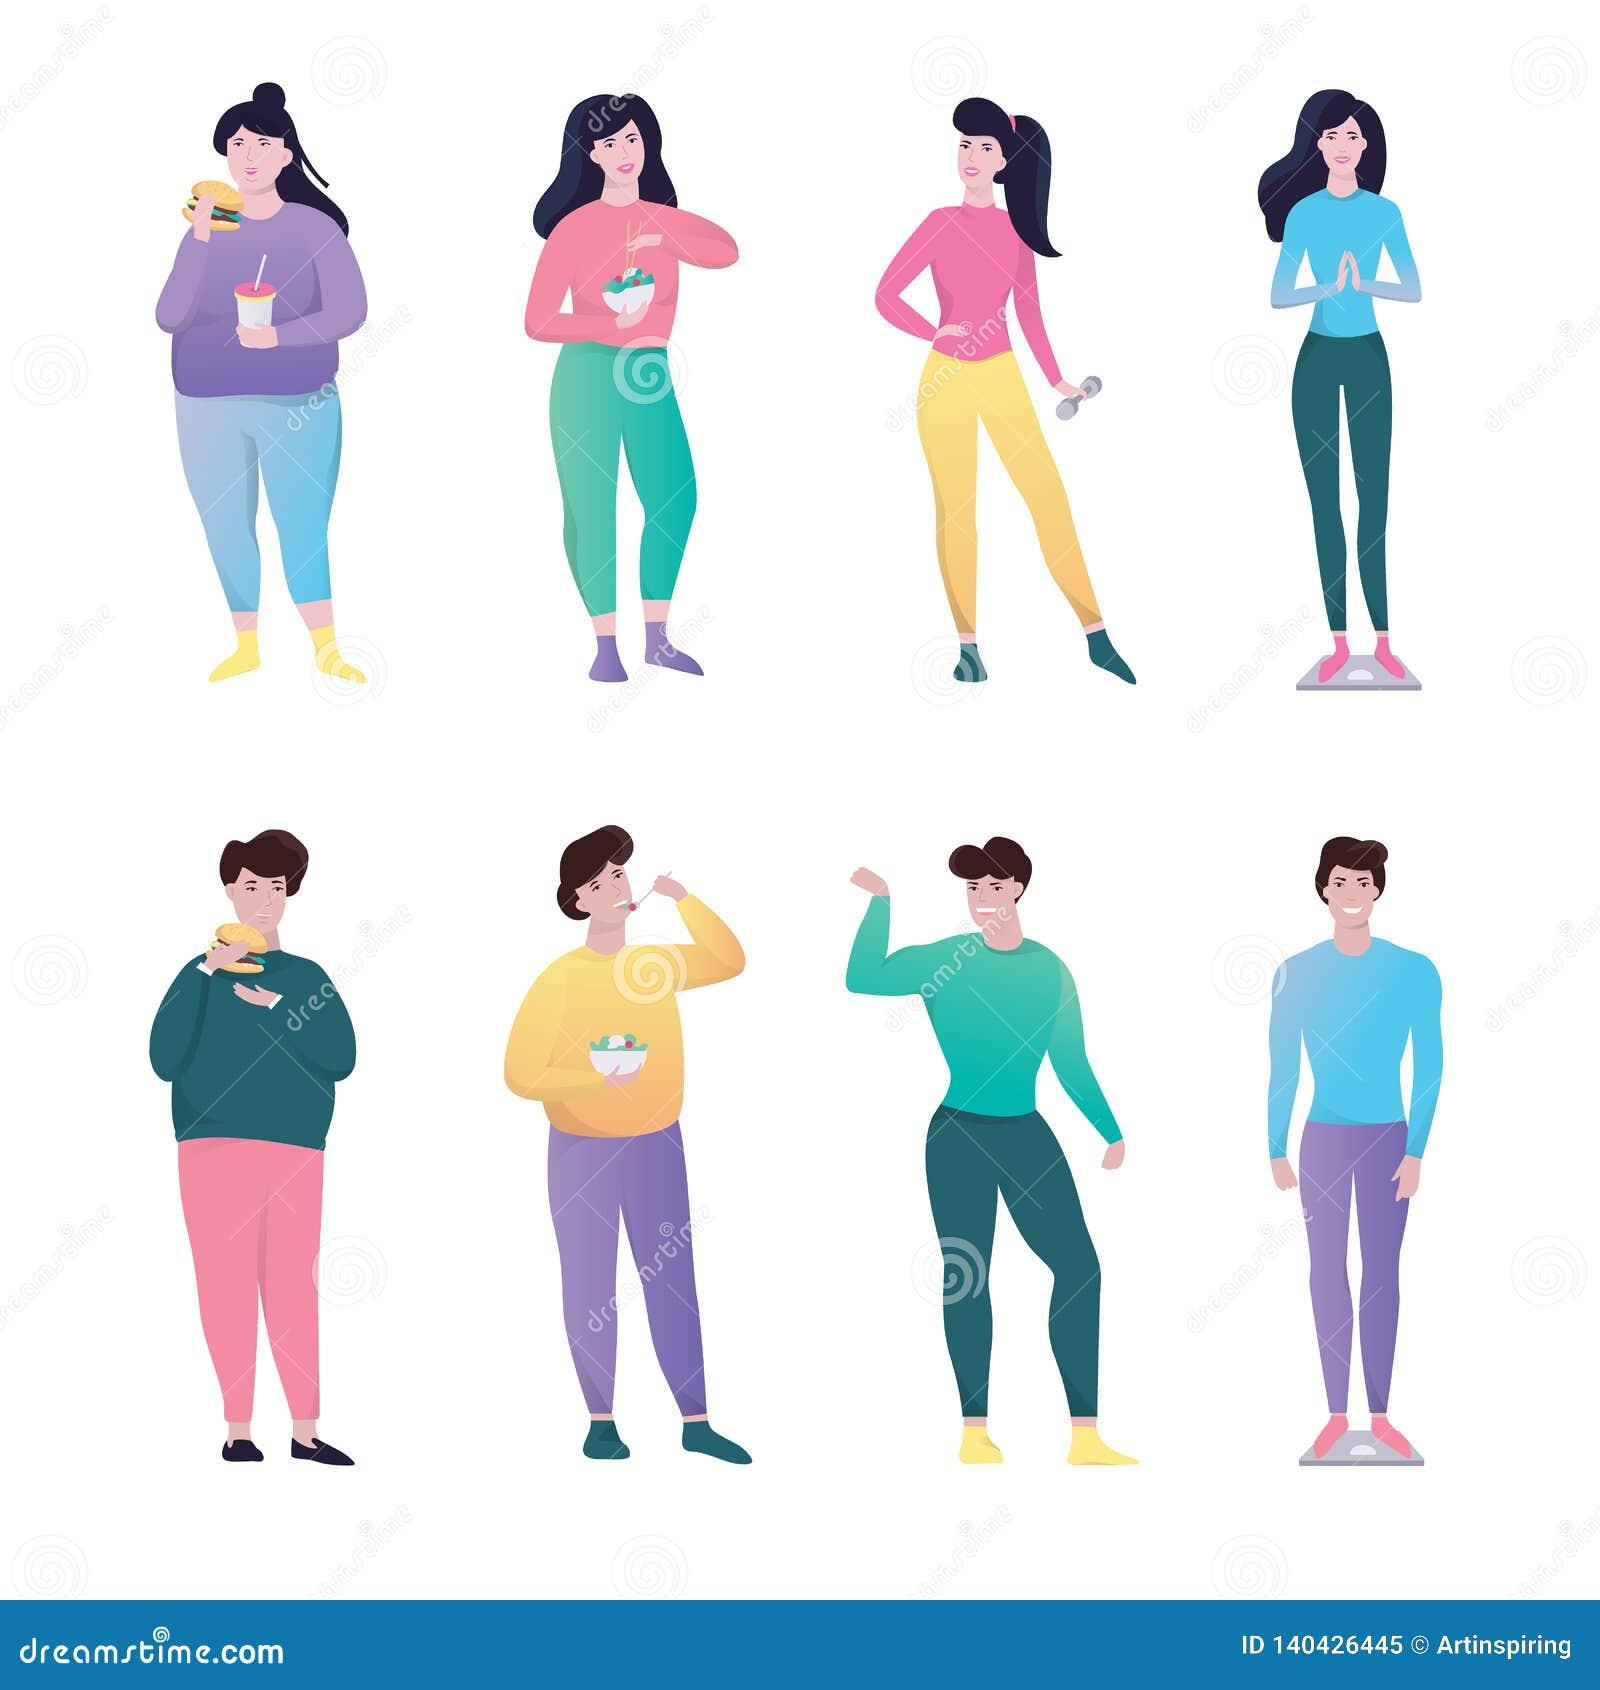 perdita di peso e obesità